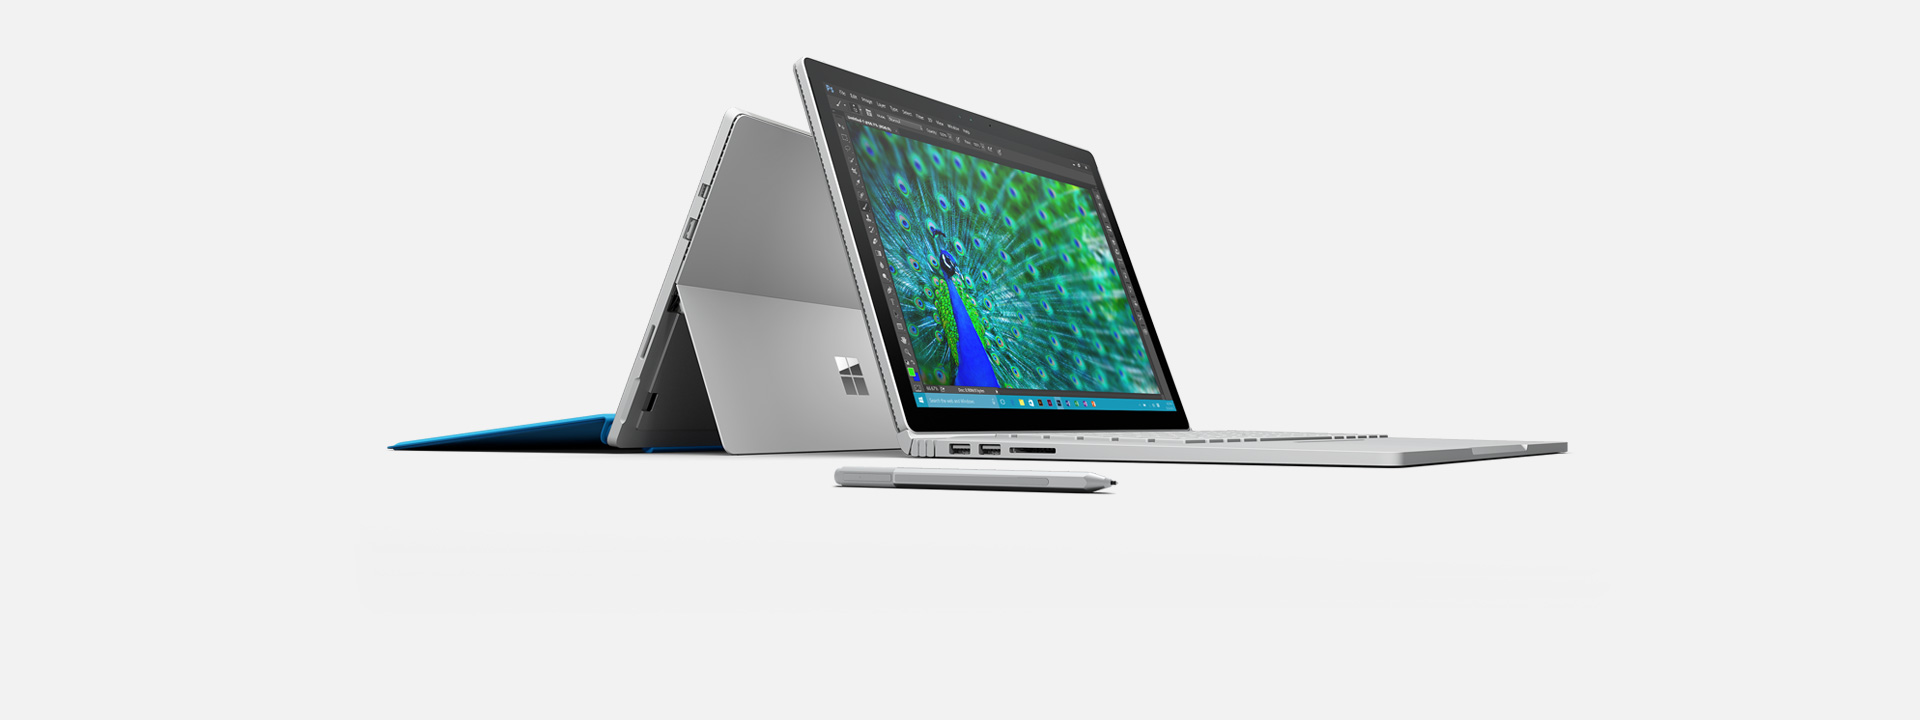 Pour en savoir plus sur Surface Book et Surface Pro 4.